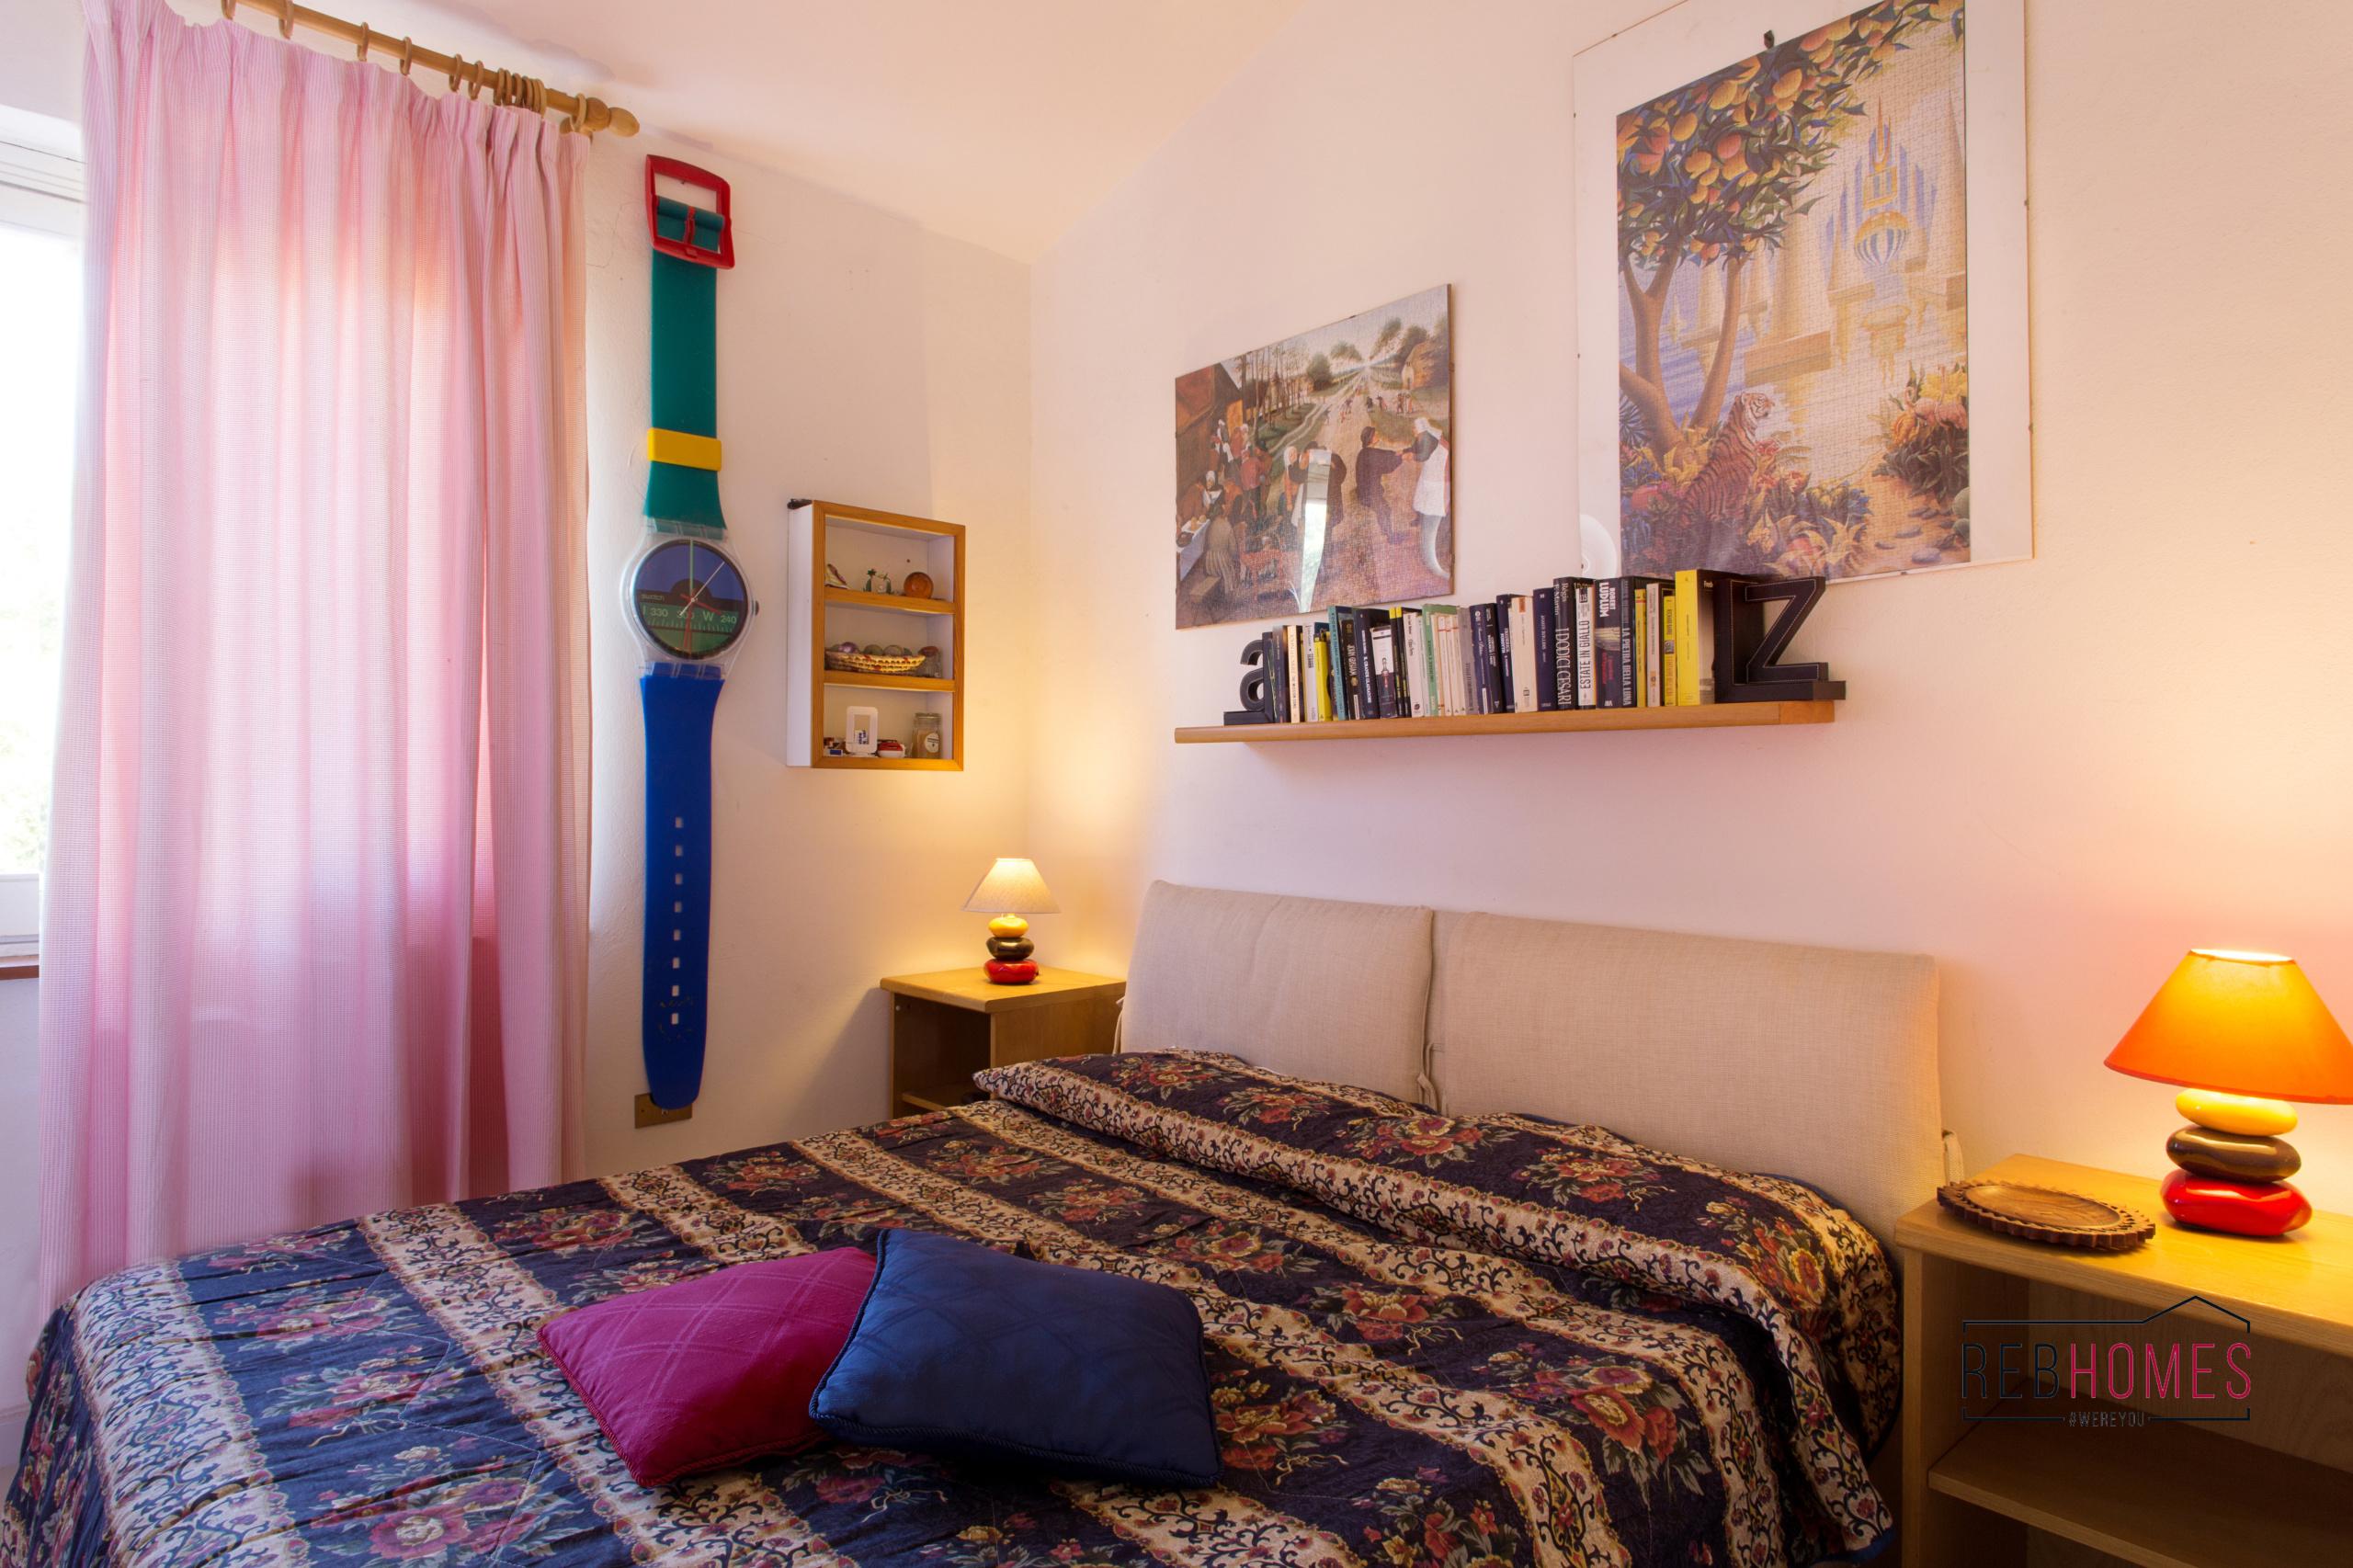 Camera Matrimoniale A Olbia.Codice S 83 1 Appartamento Trilocale In Vendita Olbia Porto